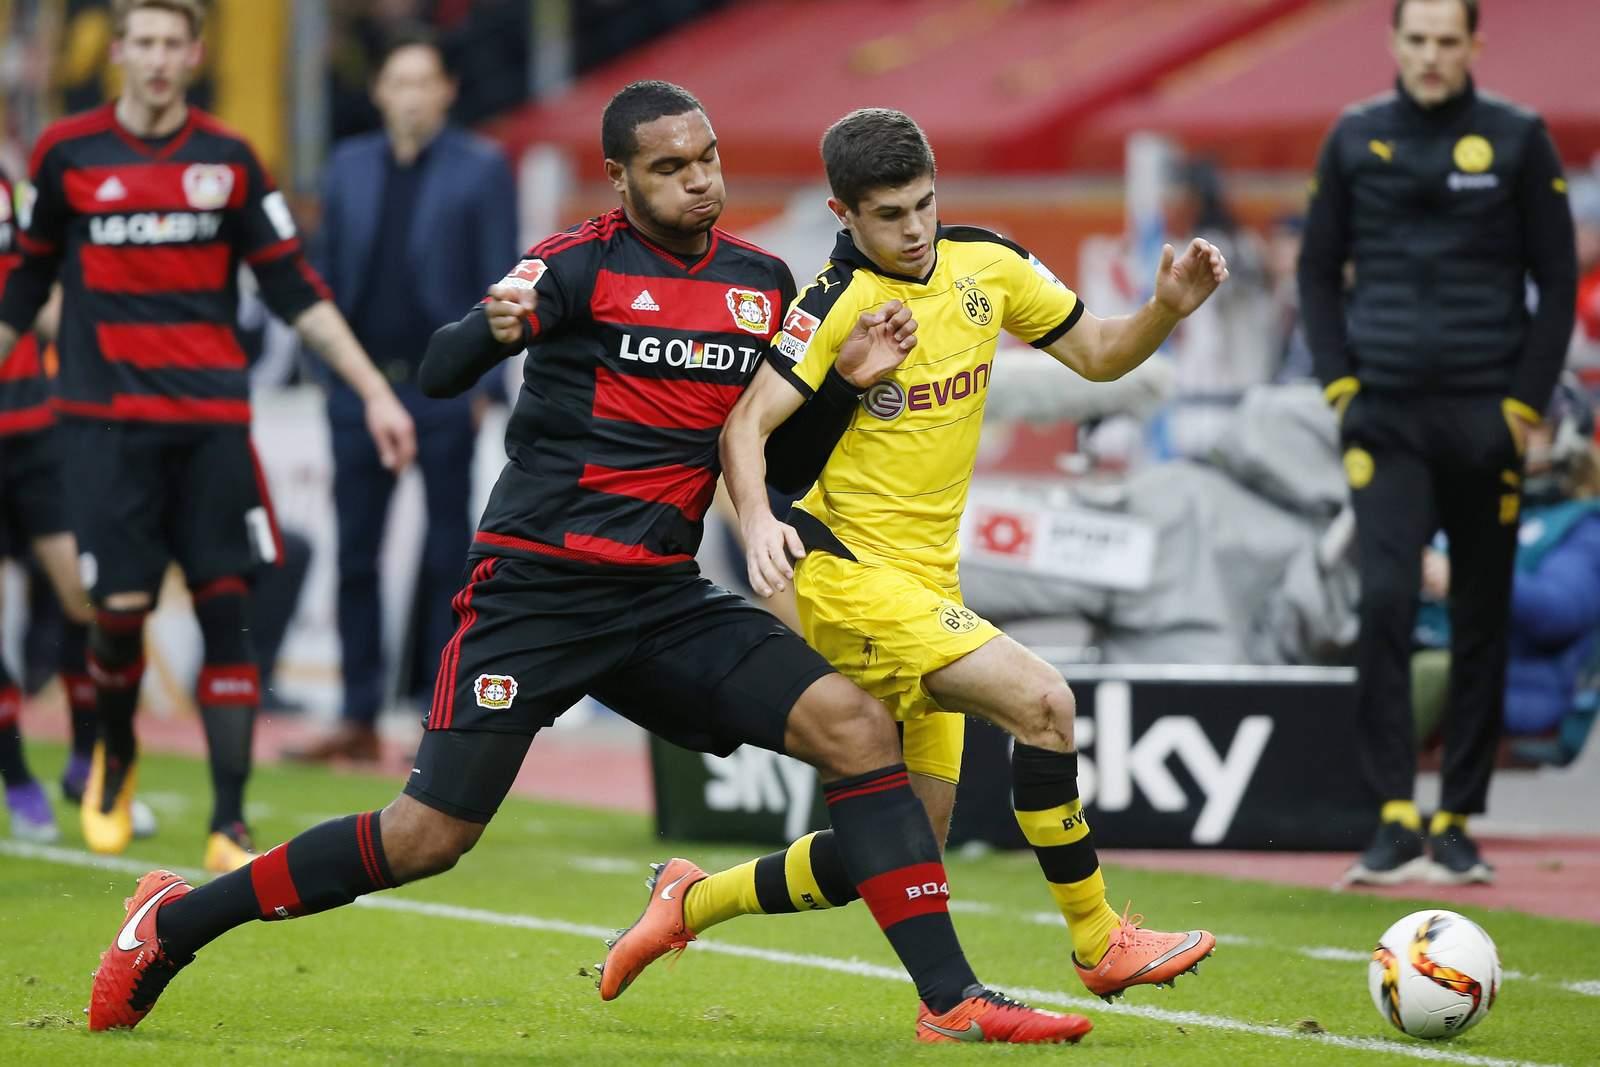 Setzt sich Tah gegen Pulisic durch? Unser Tipp: BVB gewinnt gegen Bayer Leverkusen